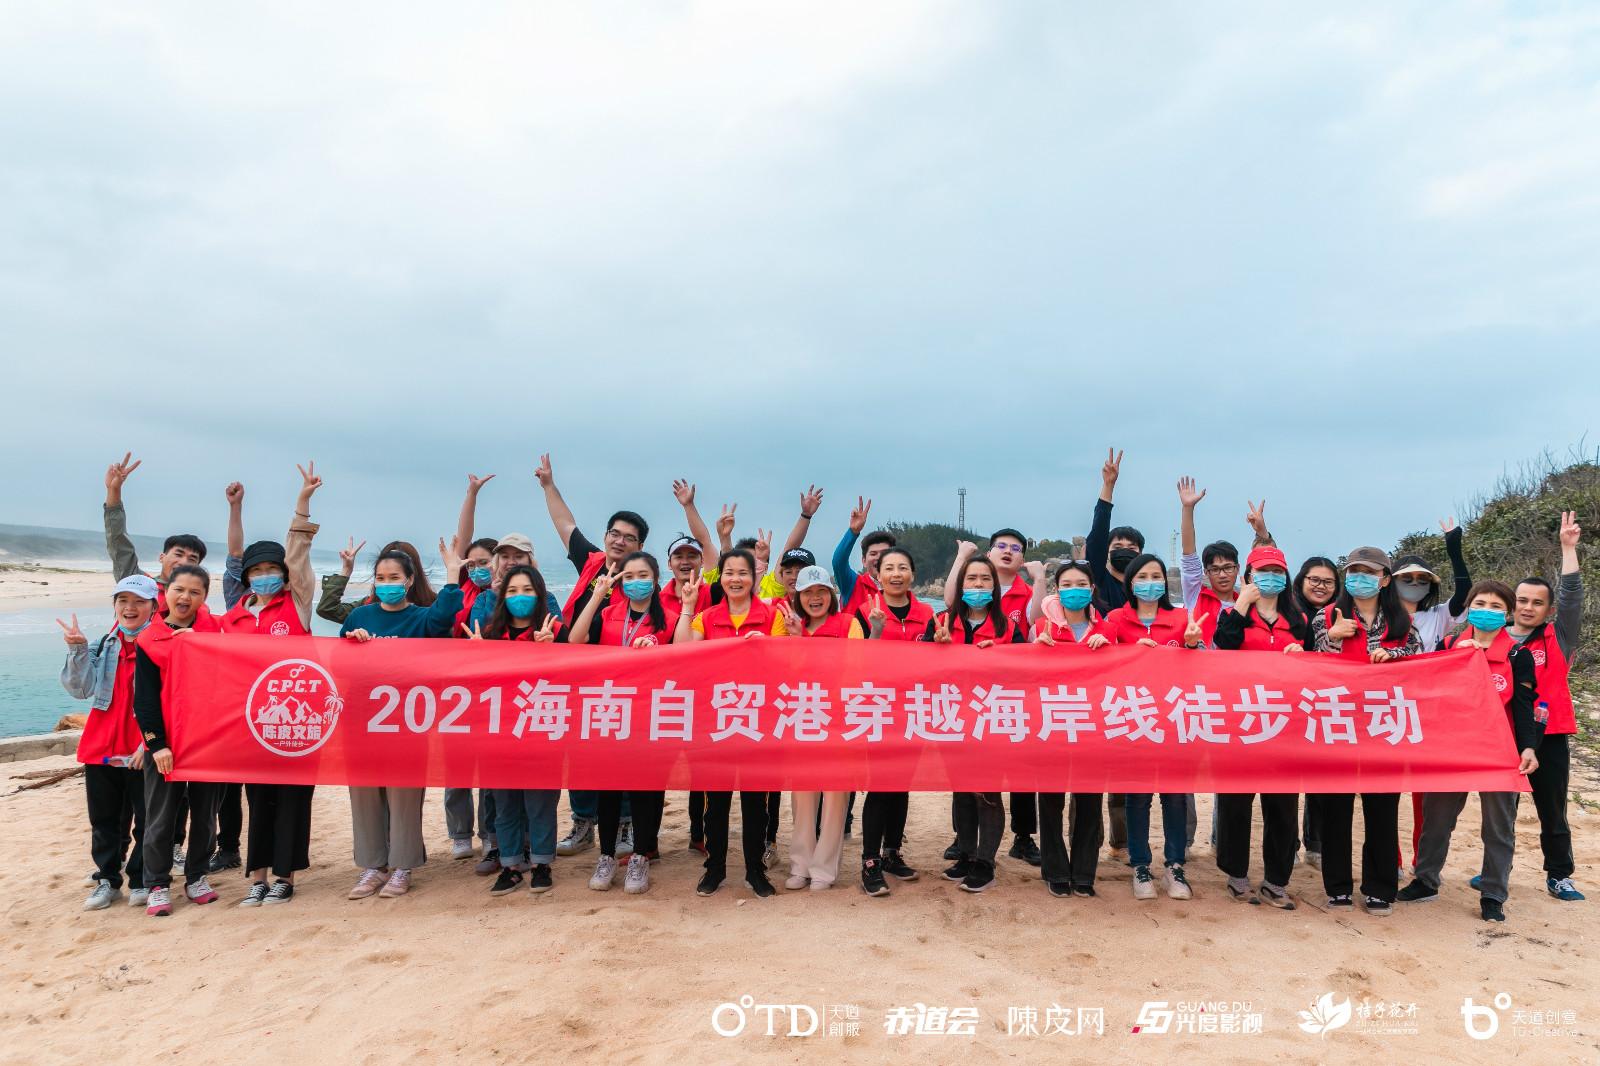 """伴春赴山海 """"三八""""绽芳华  天道创服集团举办2021海南自贸港穿越海岸线徒步活动"""